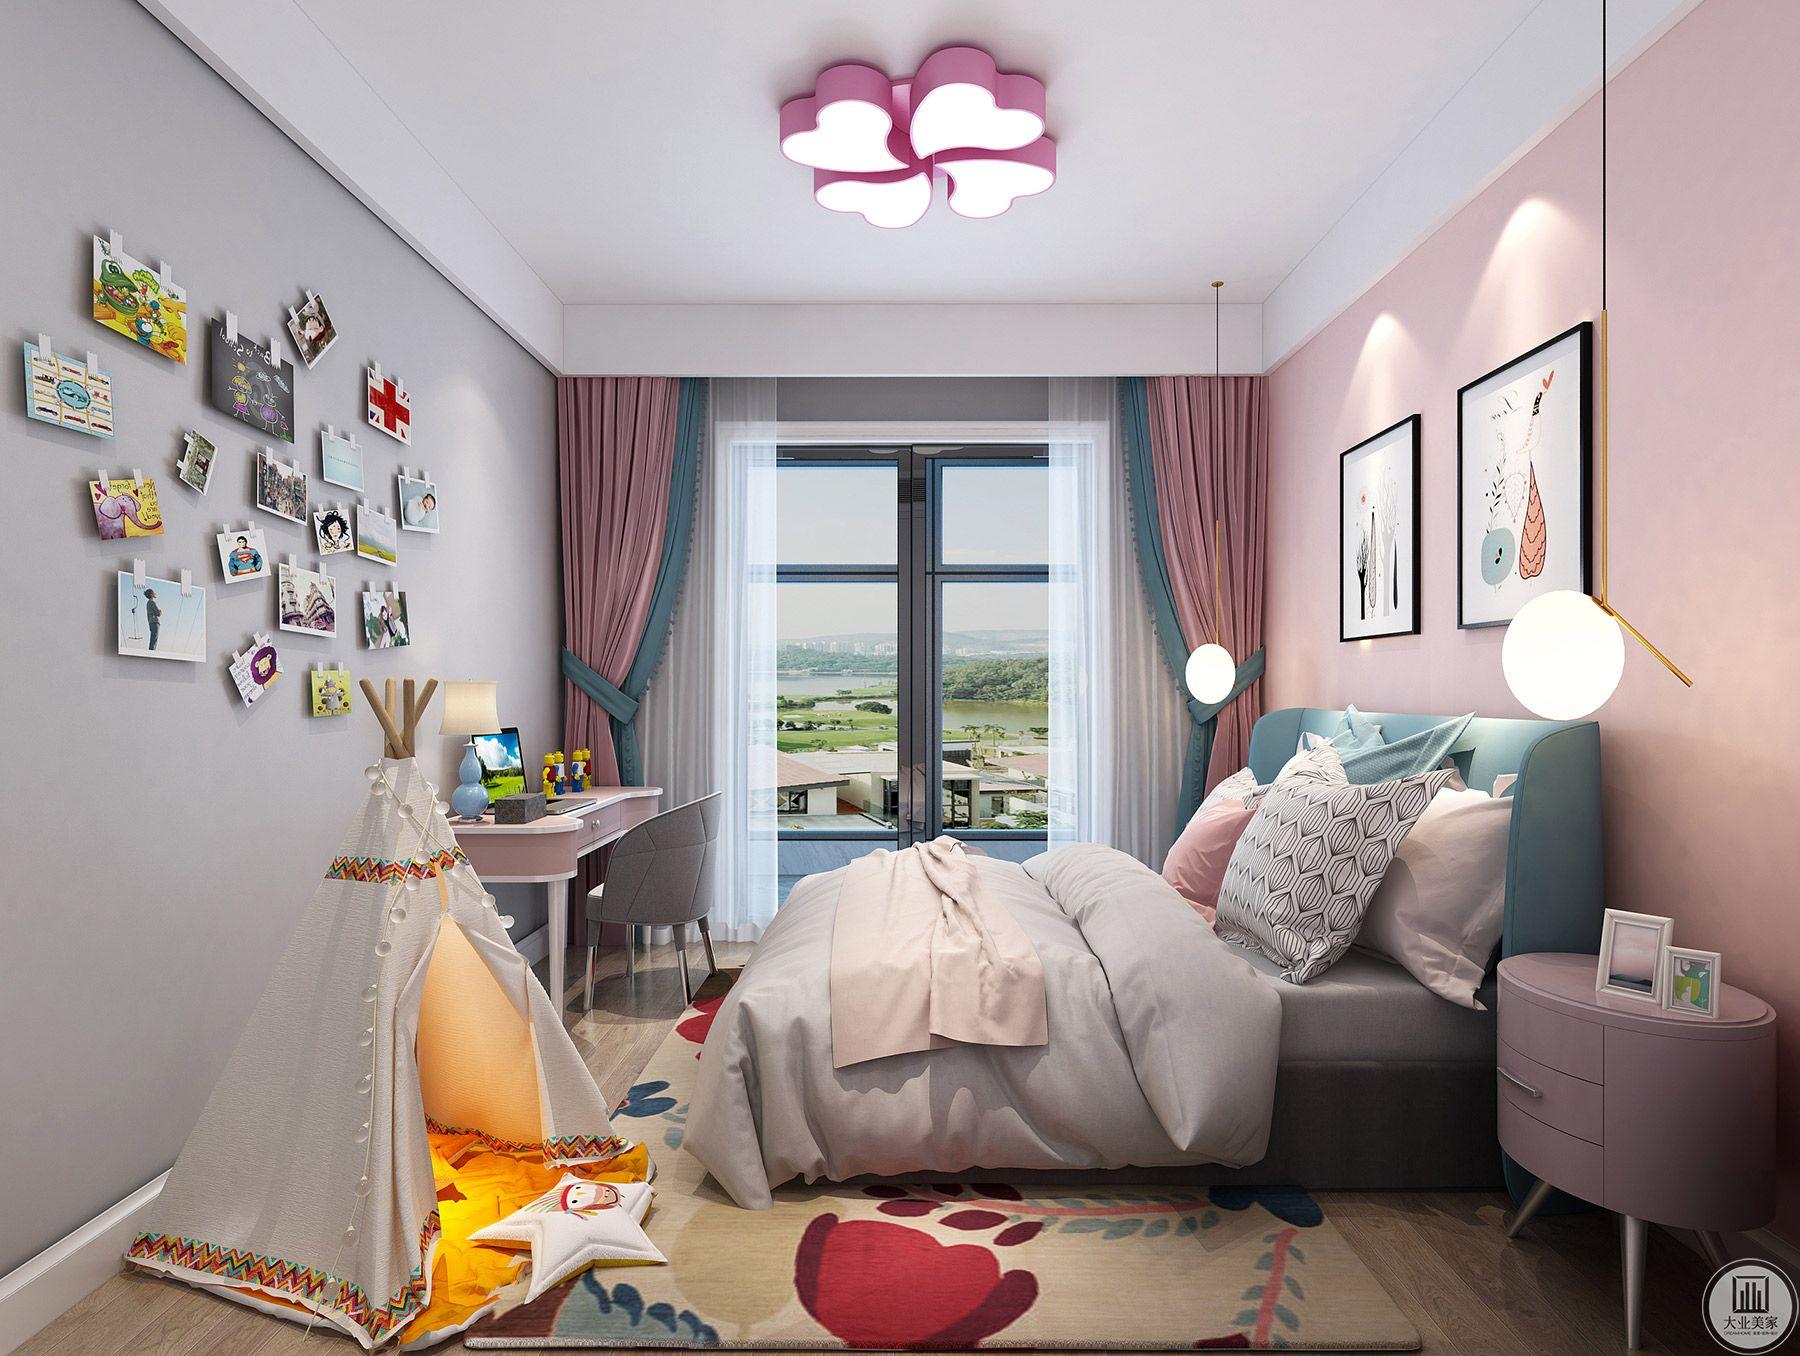 简单的颜色、简单的家具,缔造出不简单的格调,房间的整体造型脱离传统的复杂,床头背景墙没有过多的修饰,只用了两幅壁画,壁画为了和整个房间格调一致,没有运用亮丽的颜色